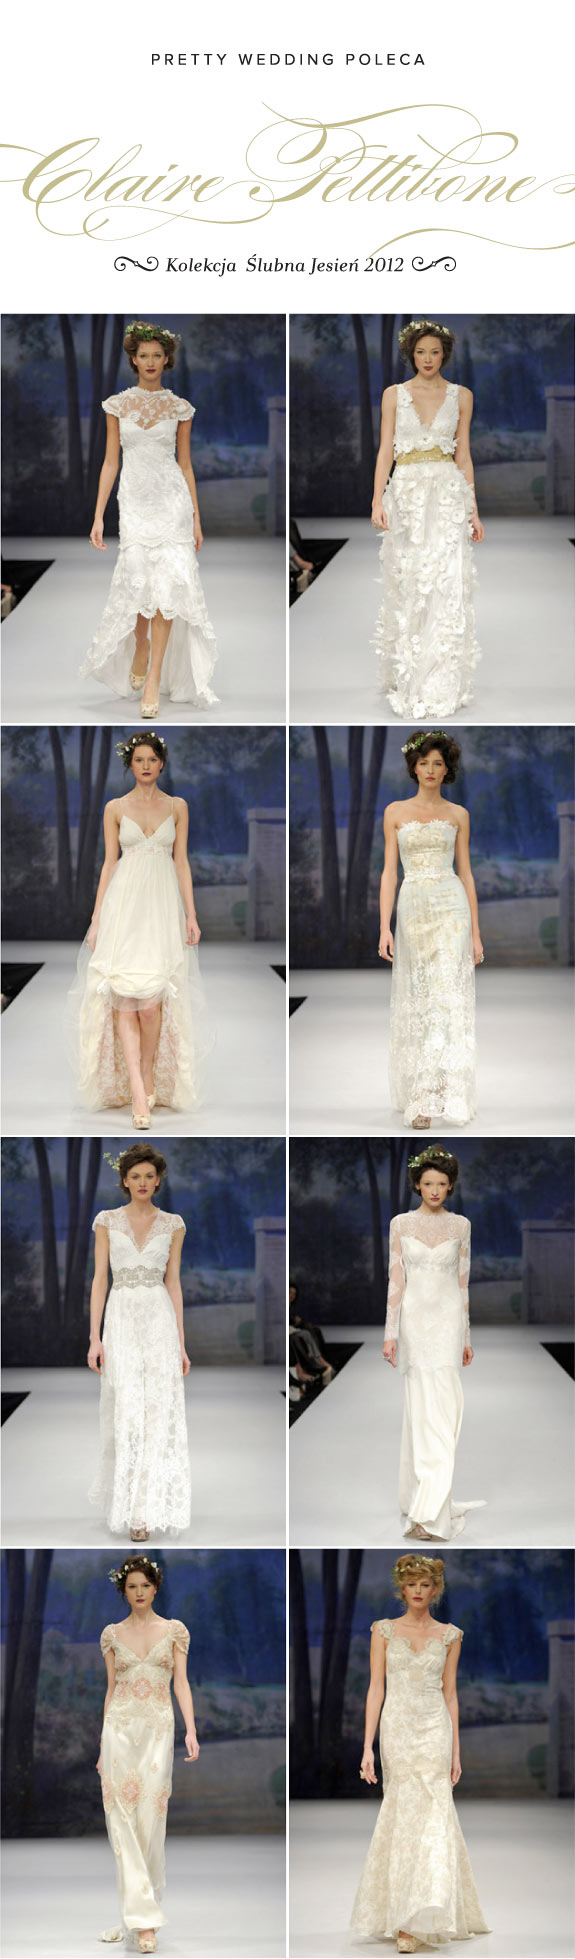 Kolekcja Ślubna na Jesień 2012, Suknia Ślubna od Claire Pettibone